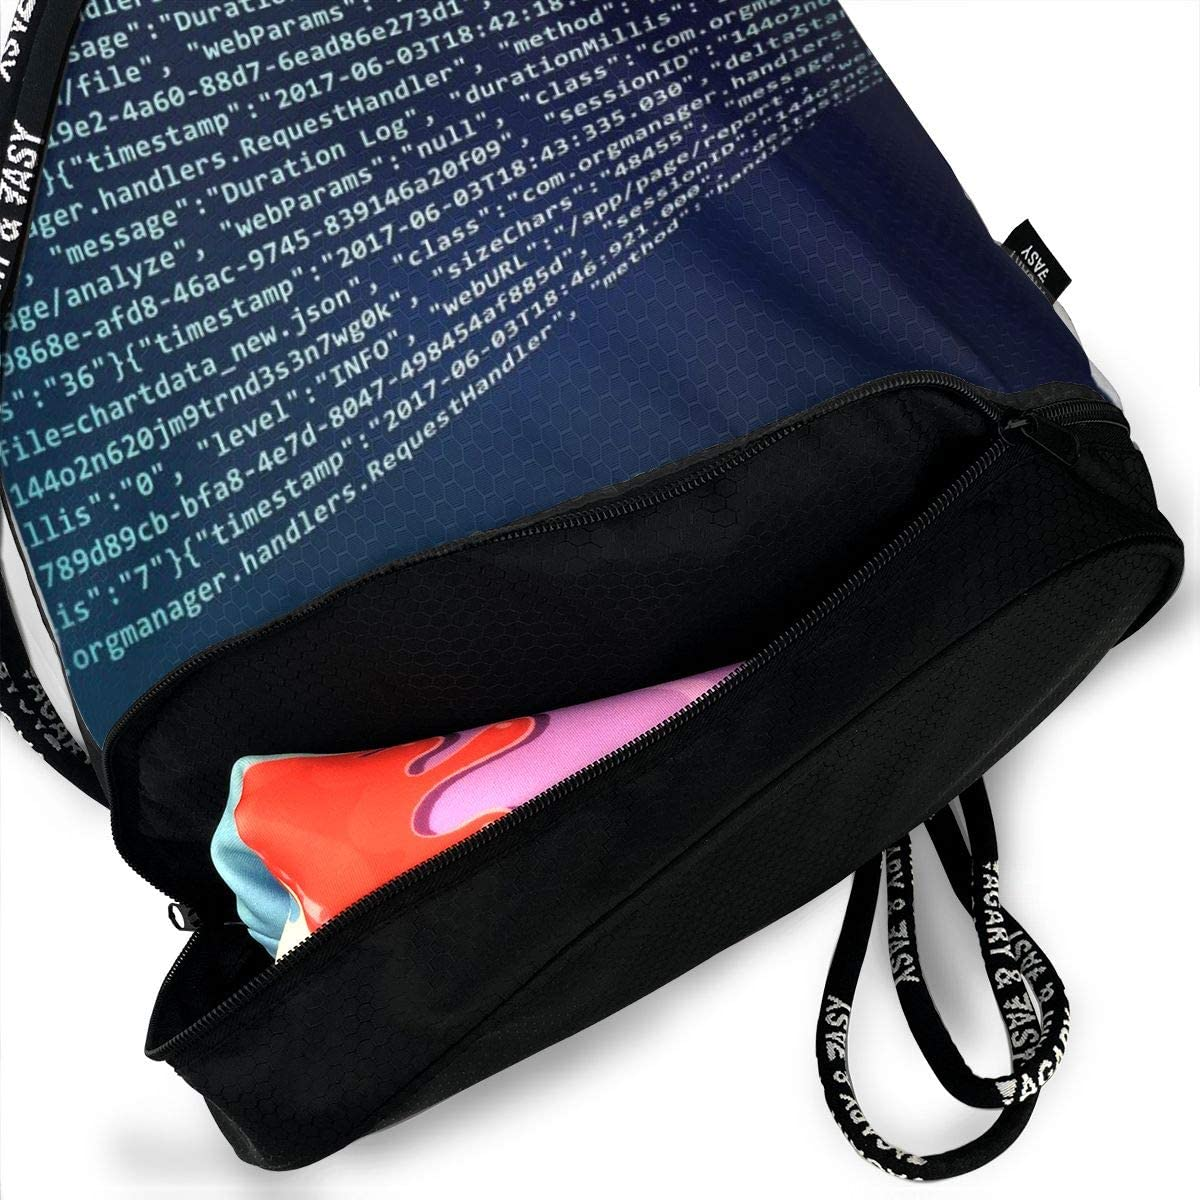 Analytics Information Multifunctional Bundle Backpack Shoulder Bag For Men And Women